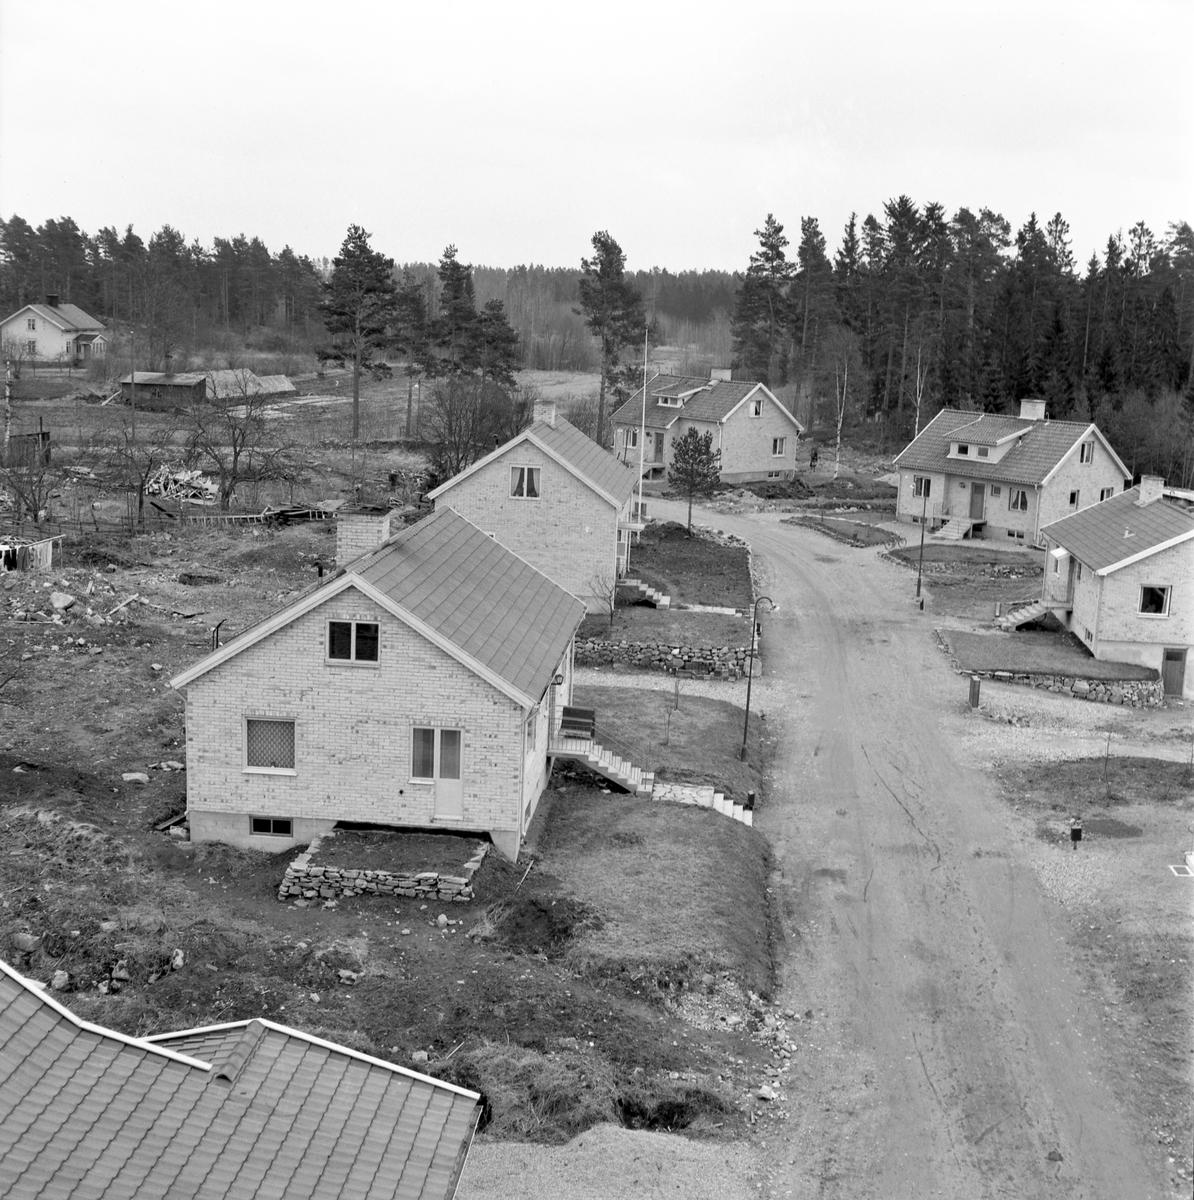 Vy. Maj 1955